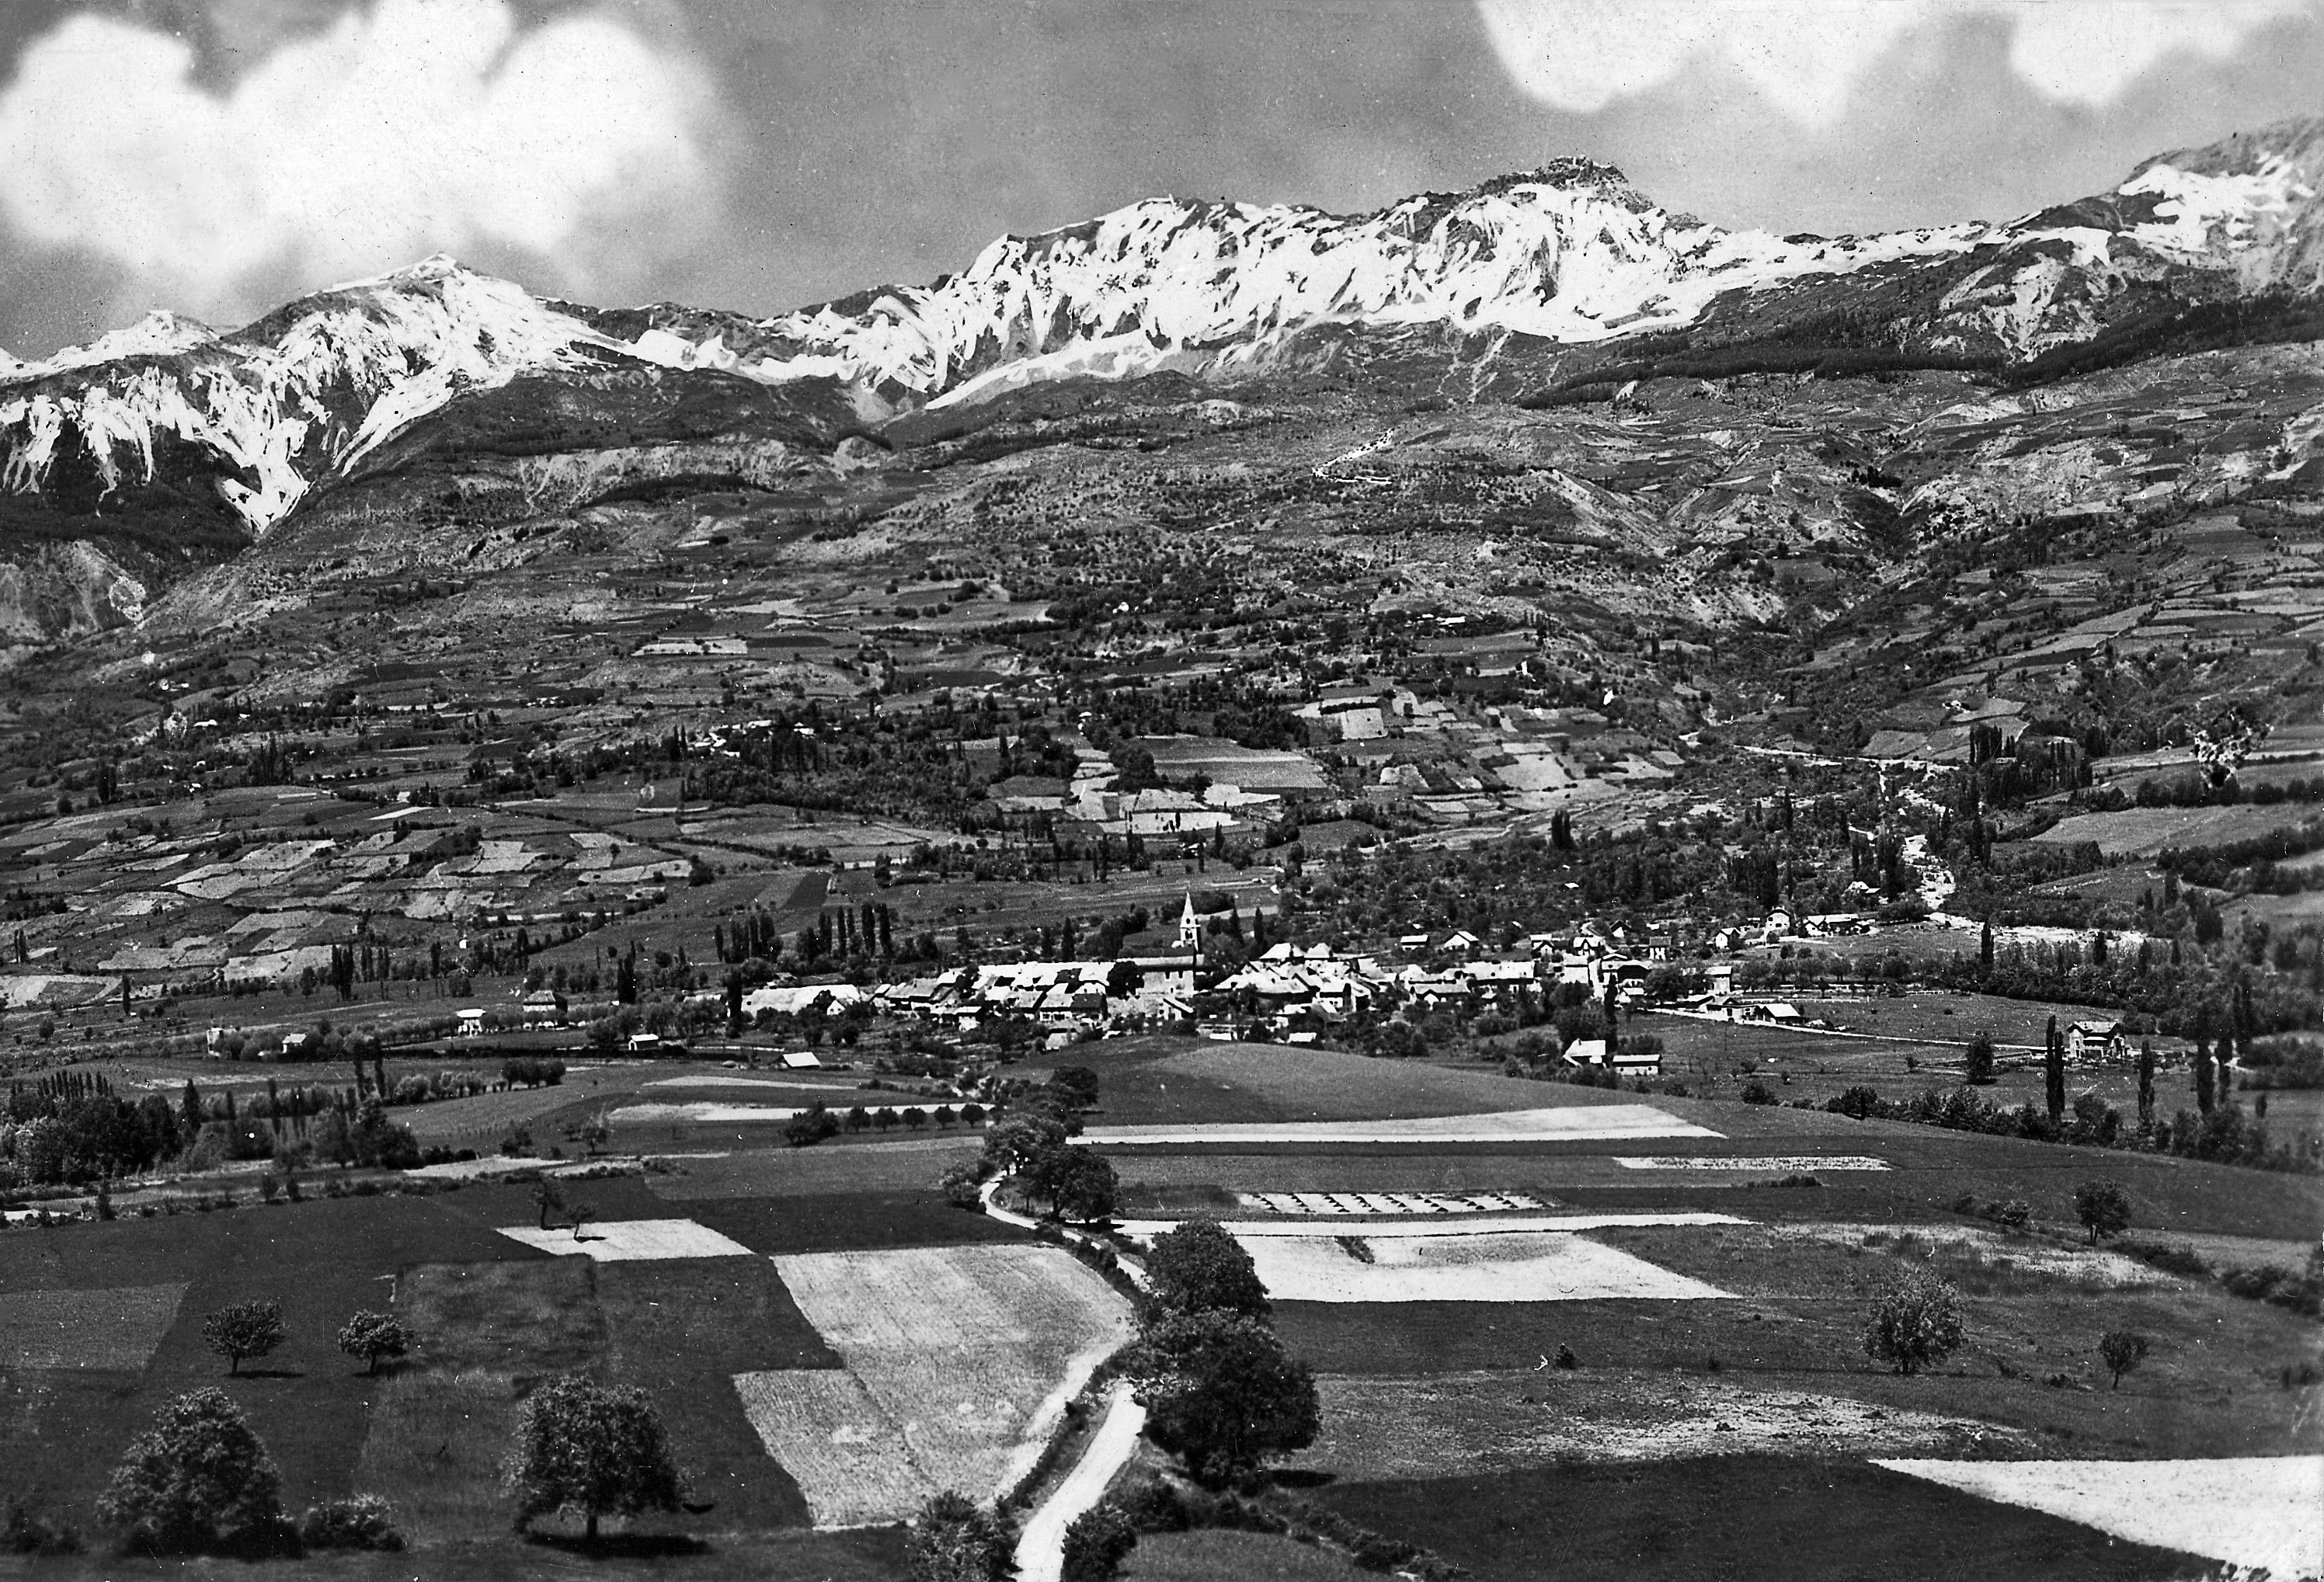 Collection Pierre PUTELAT, Photographe inconnu, CAUE 05 ALCOTRA UDT 2014, Parution avant 1945